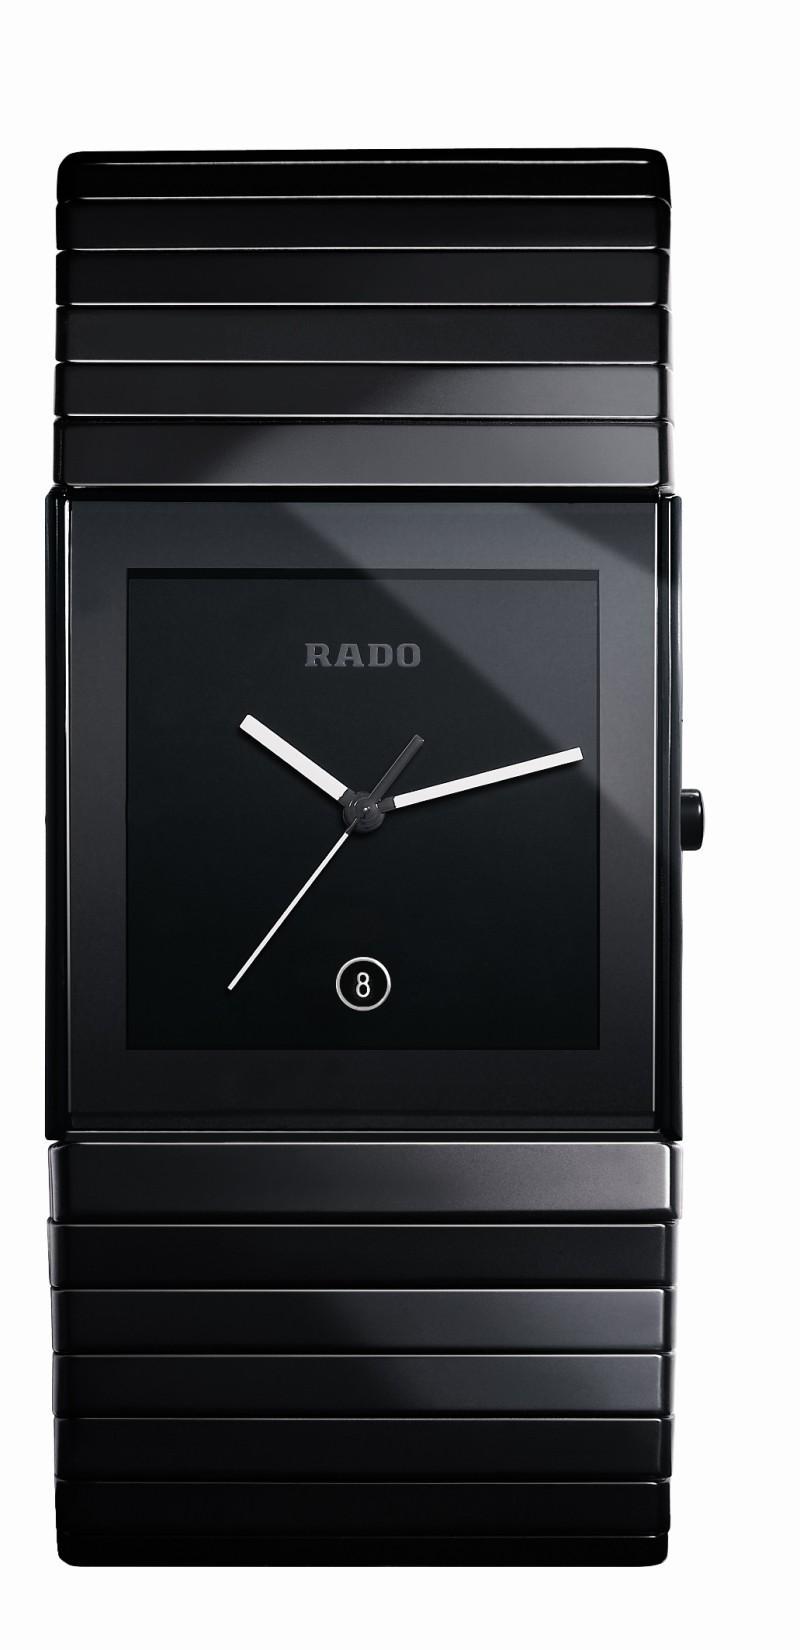 Szwajcarskie zegarki Rado - wiosna/lato 2009 - zdjęcie